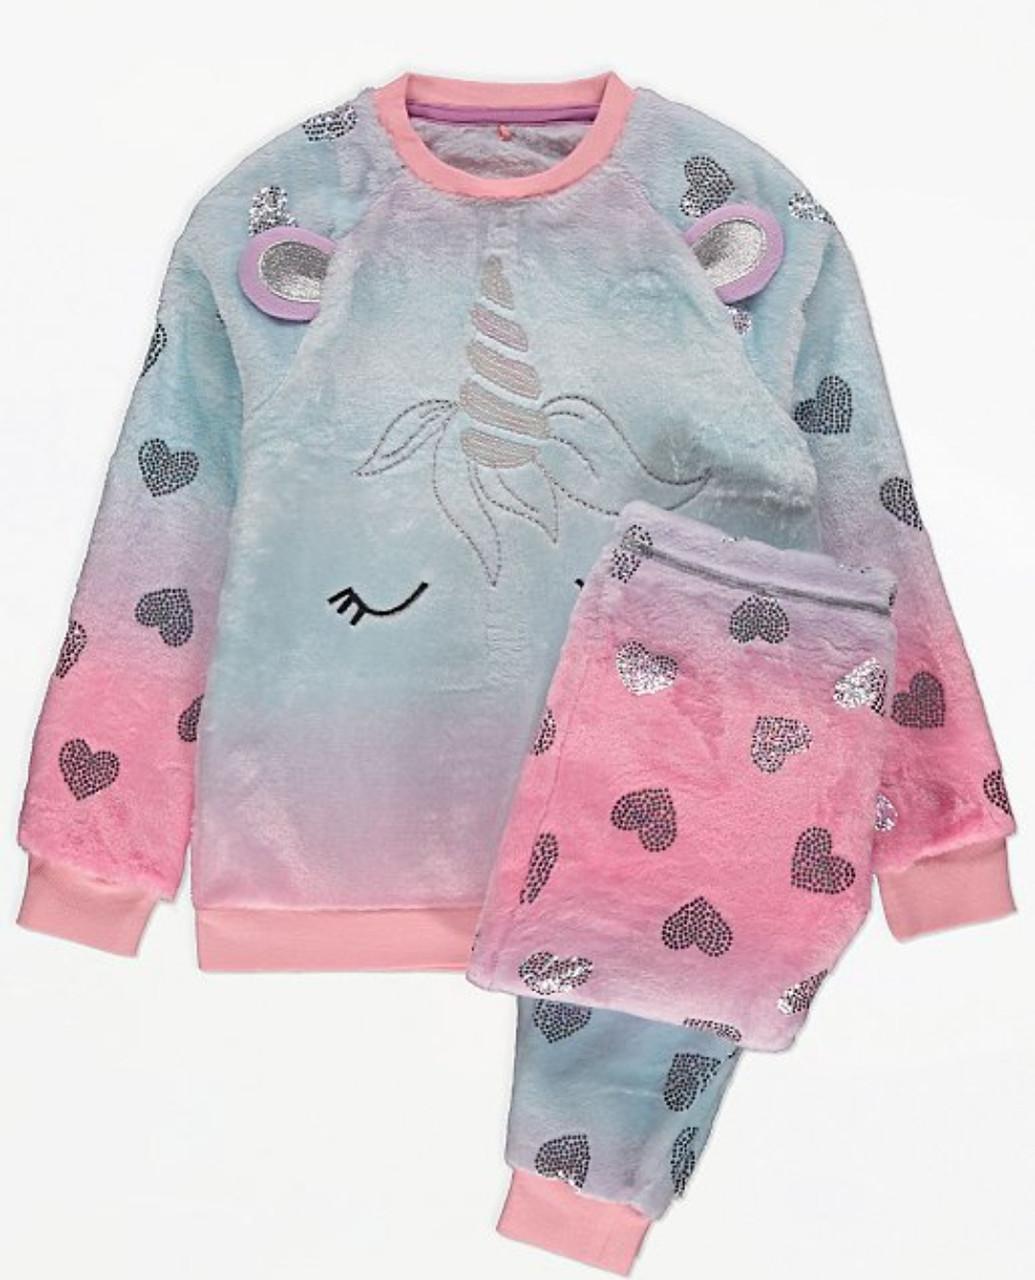 Флисовая пижамка розовая Единорог  р. 116/122, 152/158см